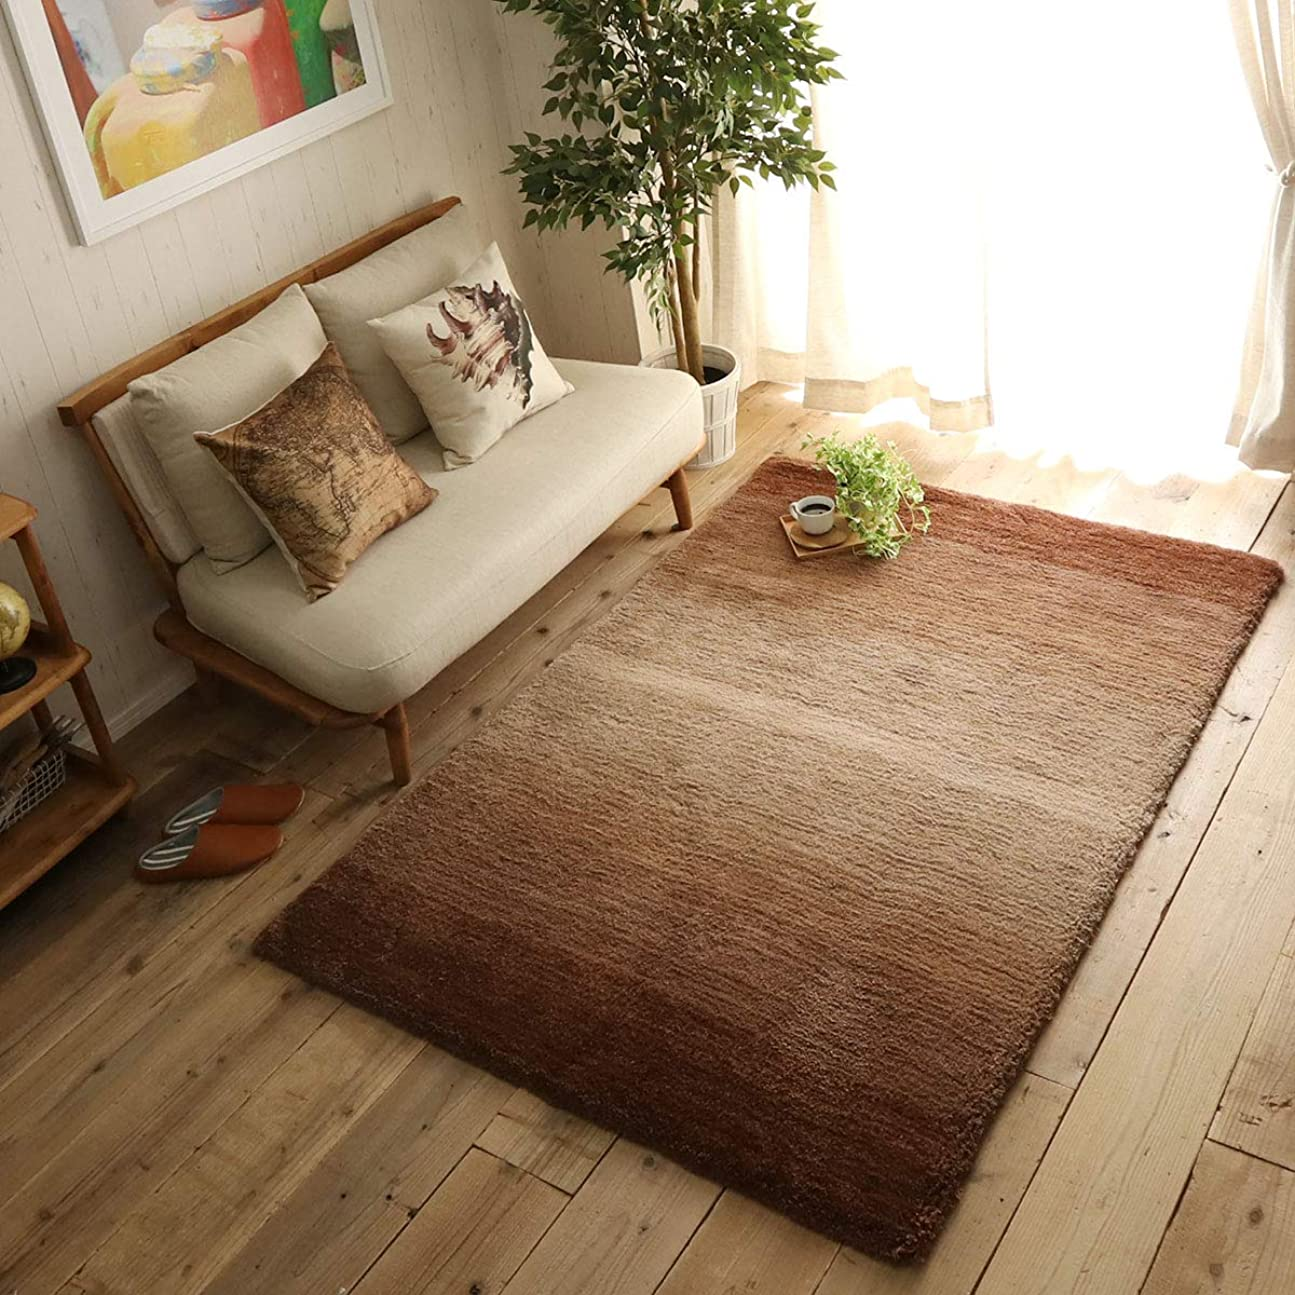 アクセス志すディスクグラムスタイル ラグ ラグマット カーペット グラデーション 床暖 130×190cm ブラウン